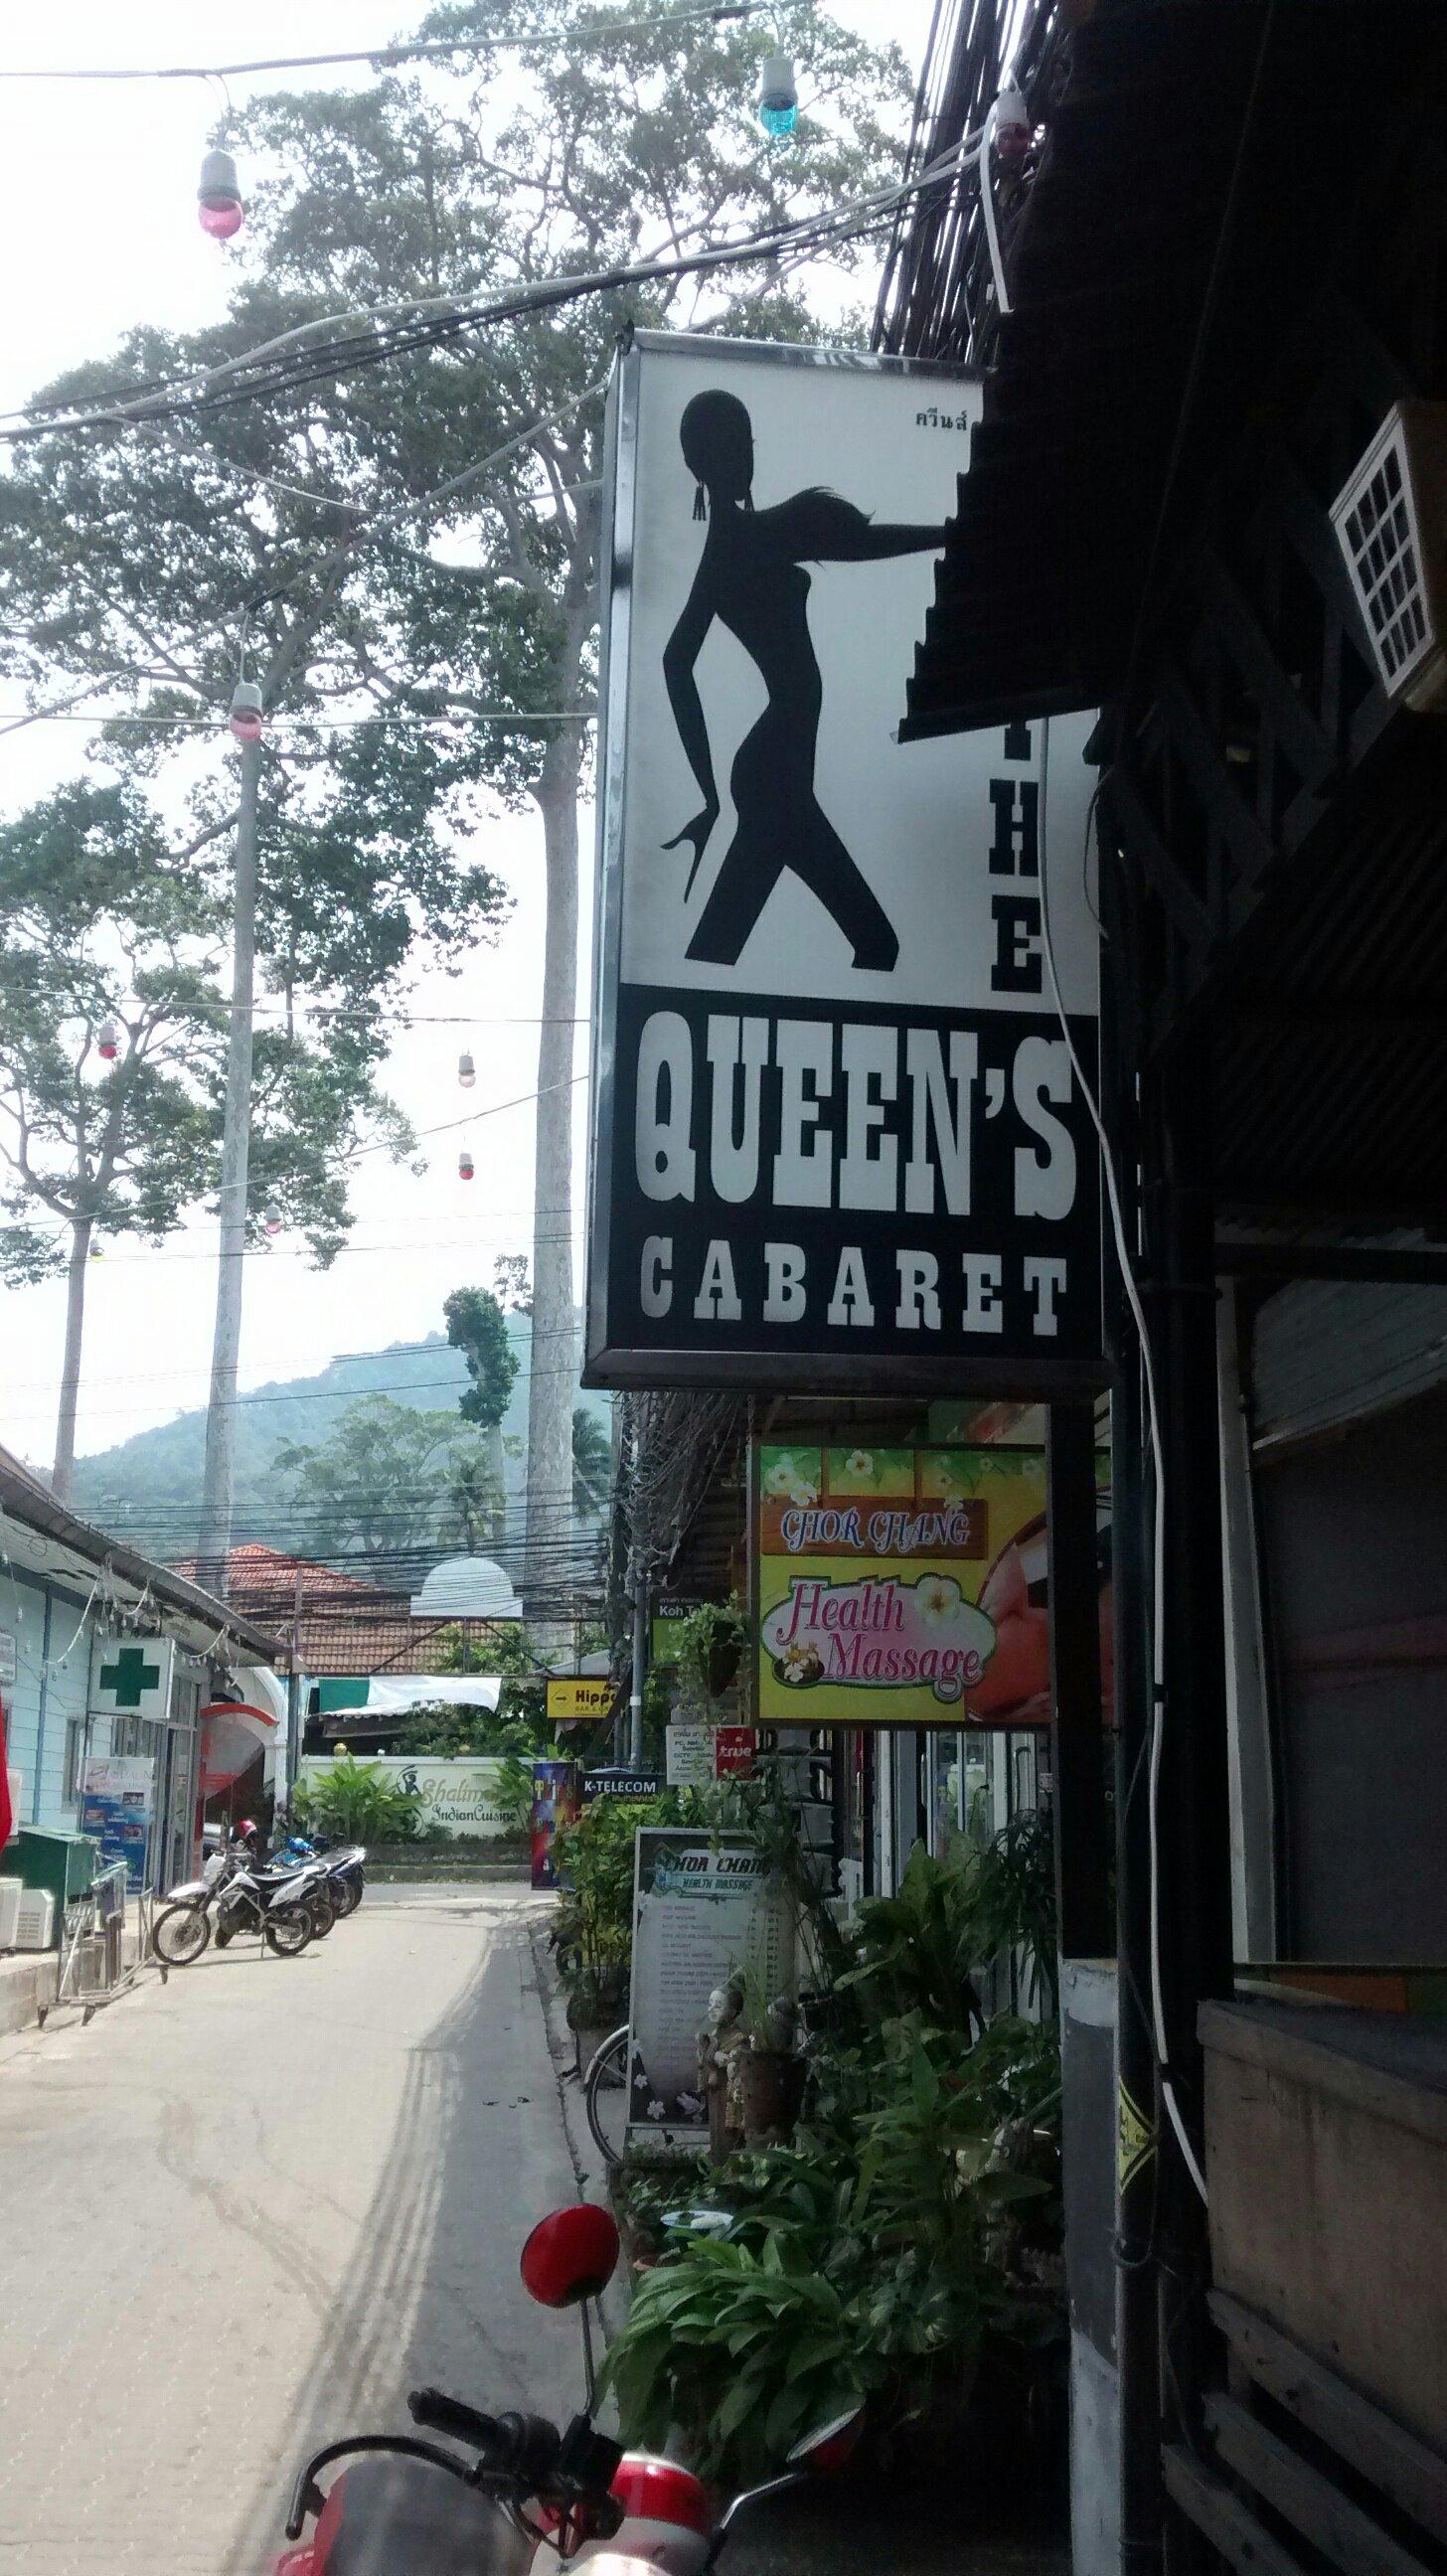 Queens Cabaret picture